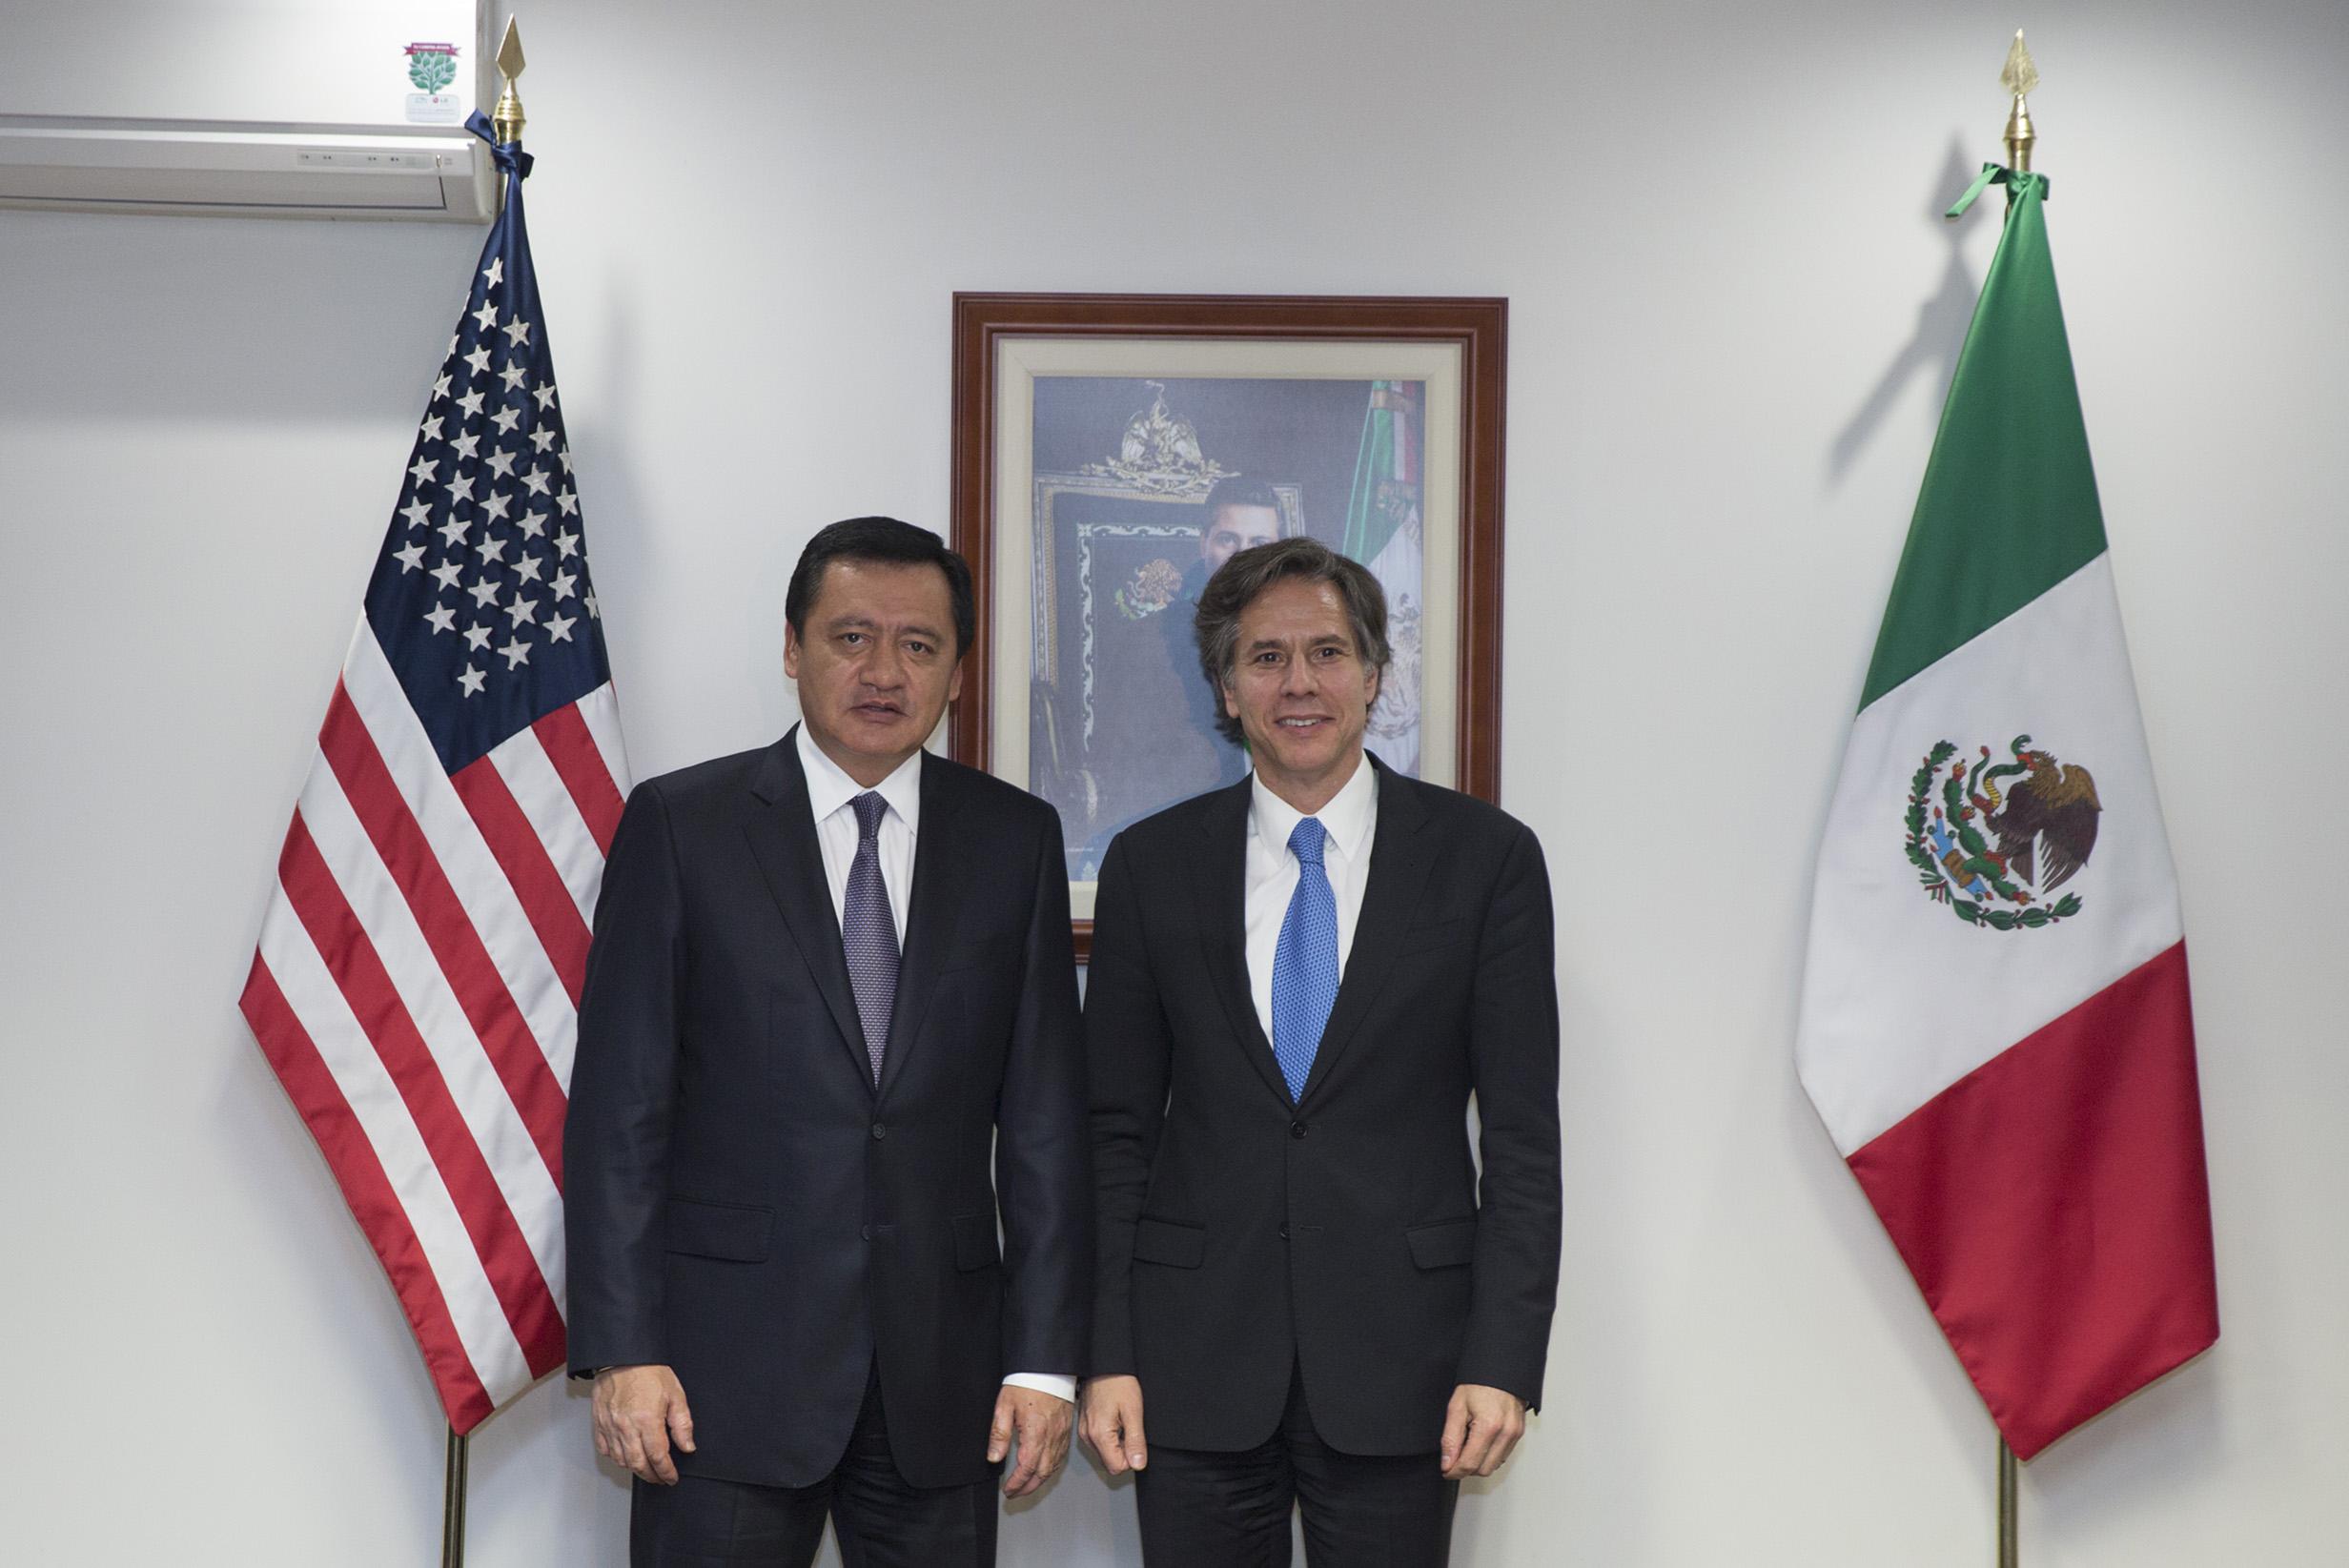 El Secretario de Gobernación, Miguel Ángel Osorio Chong, recibió a Antony Blinken, Subsecretario de Estado de los Estados Unidos, en el marco de su primera visita de trabajo a México.